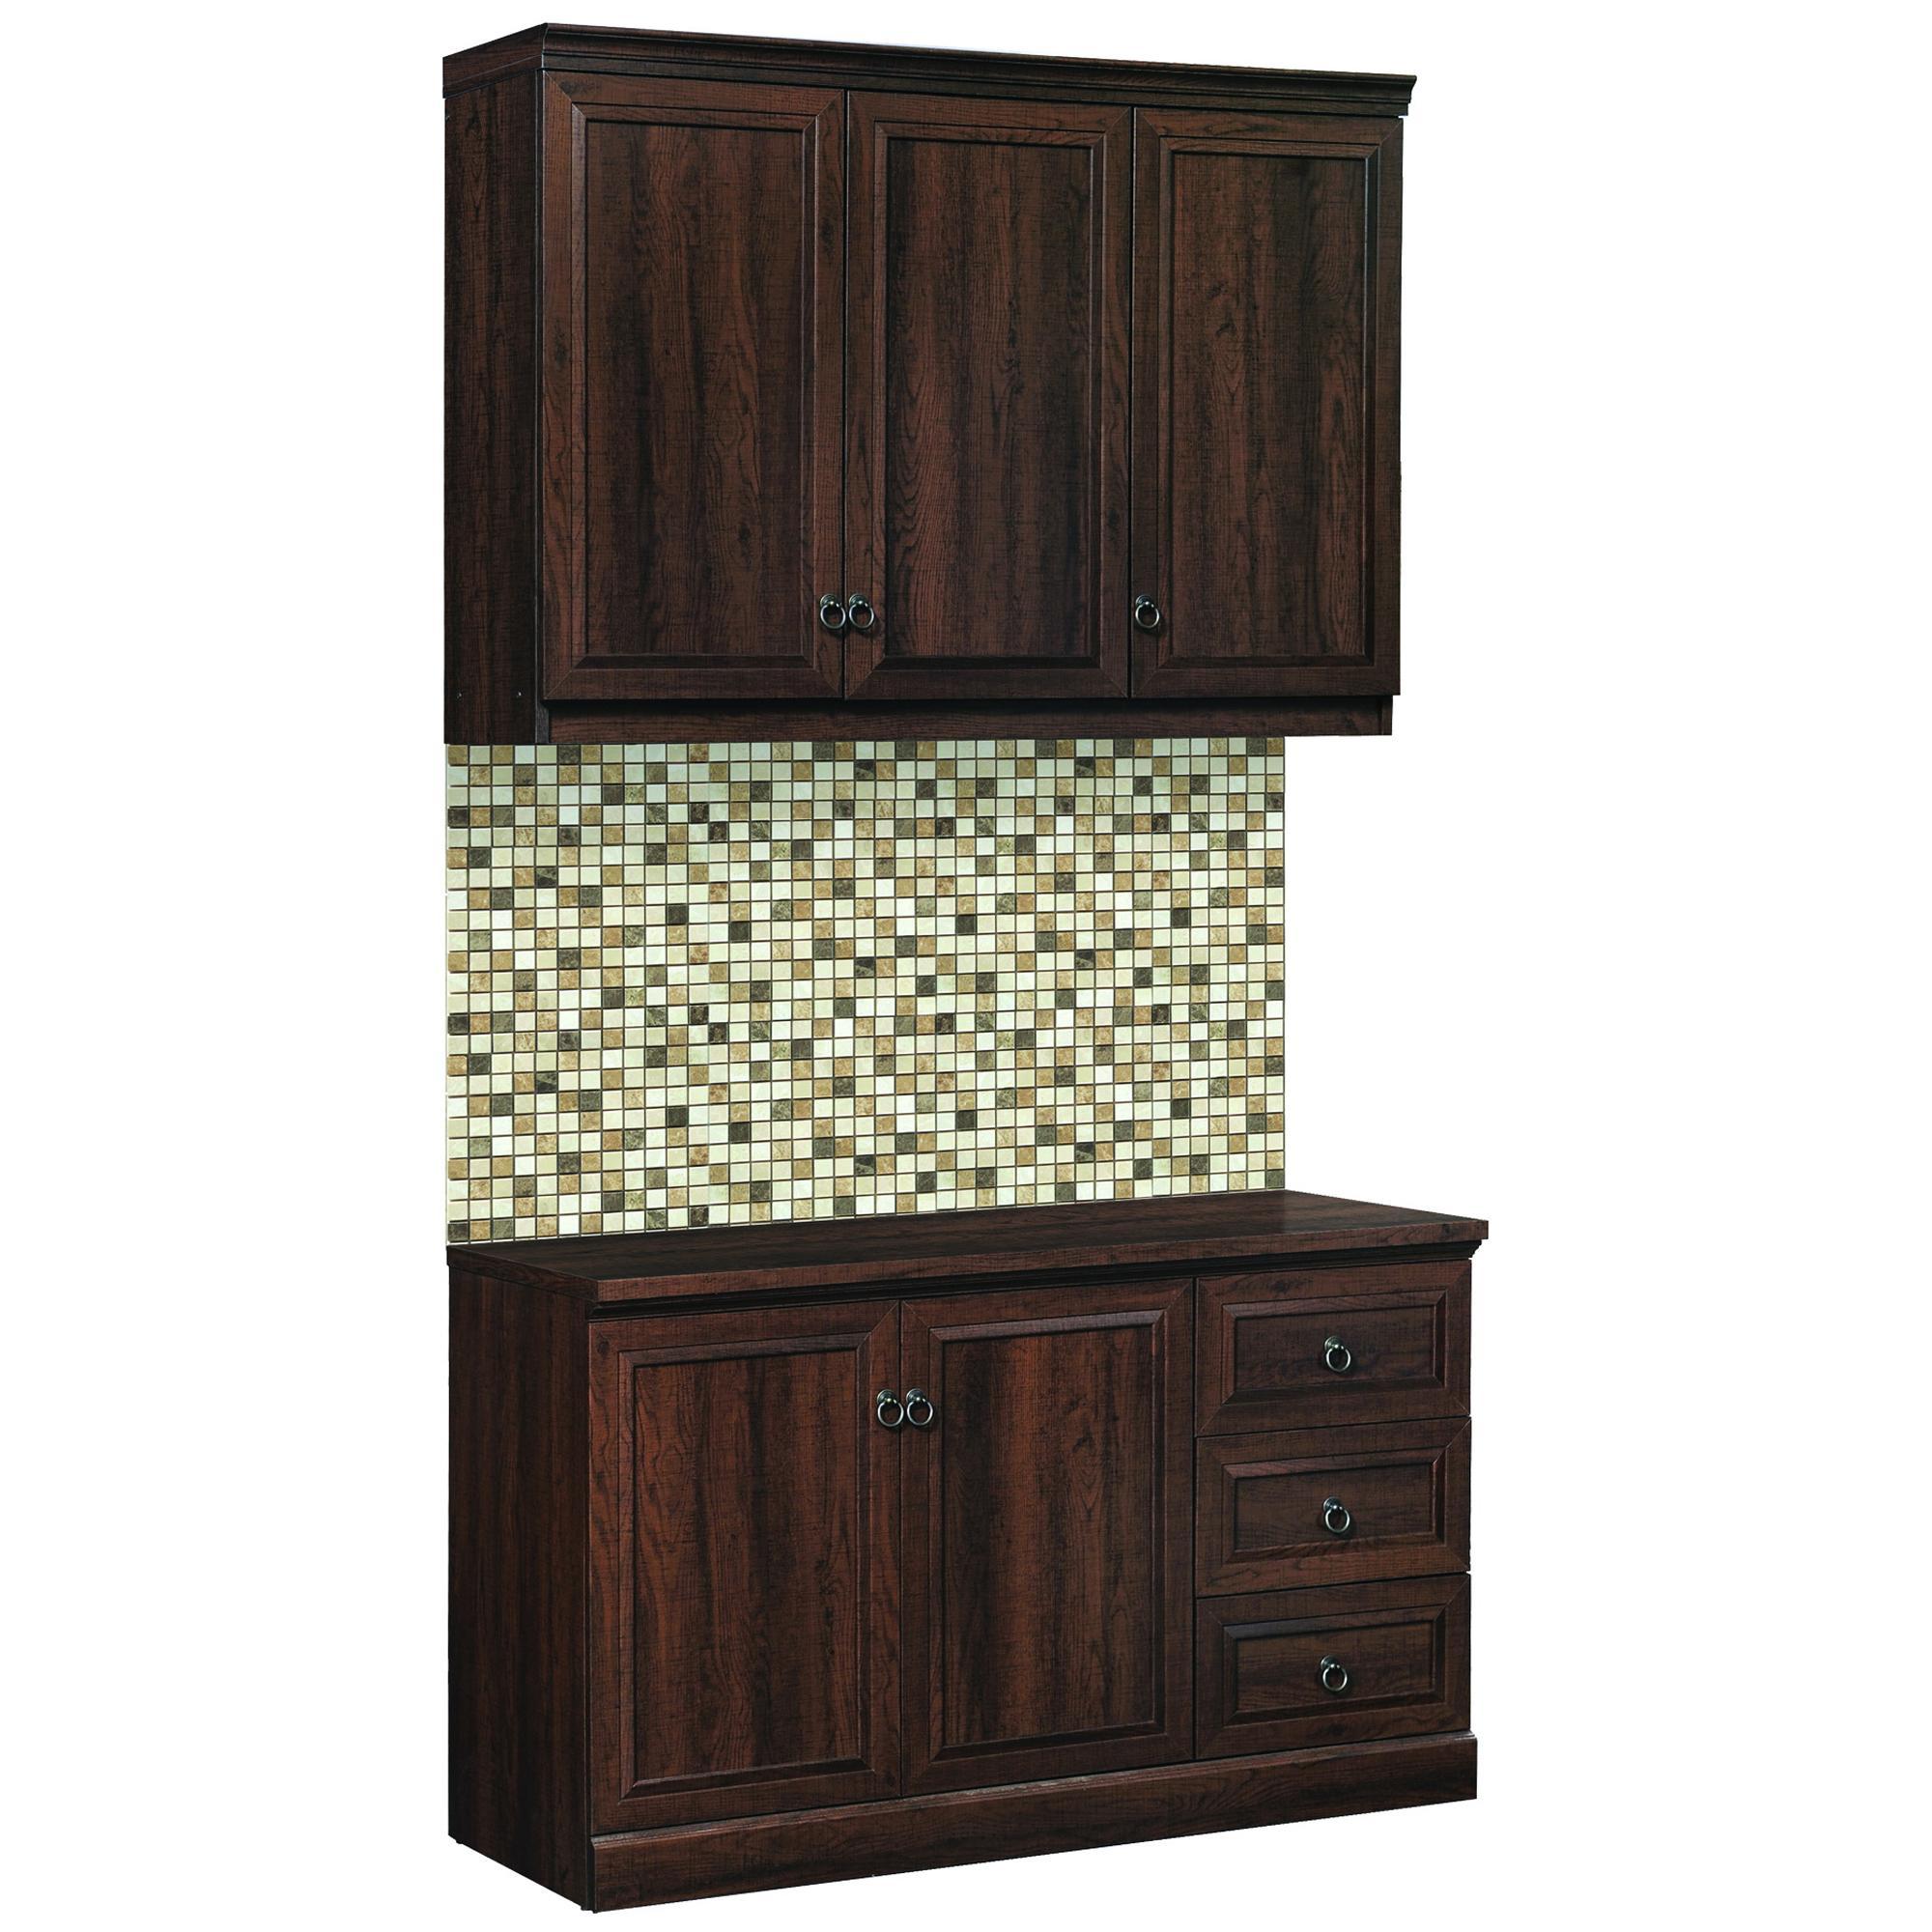 ... Kitchen Set 3 Pintu Klasik Minimalis. Kitchen Set 3 Pintu Klasik Minimalis. Topix Kitchen Set Cabinet Atas Bawah 3 Pintu Rak Bumbu Putih Tpx513 ...